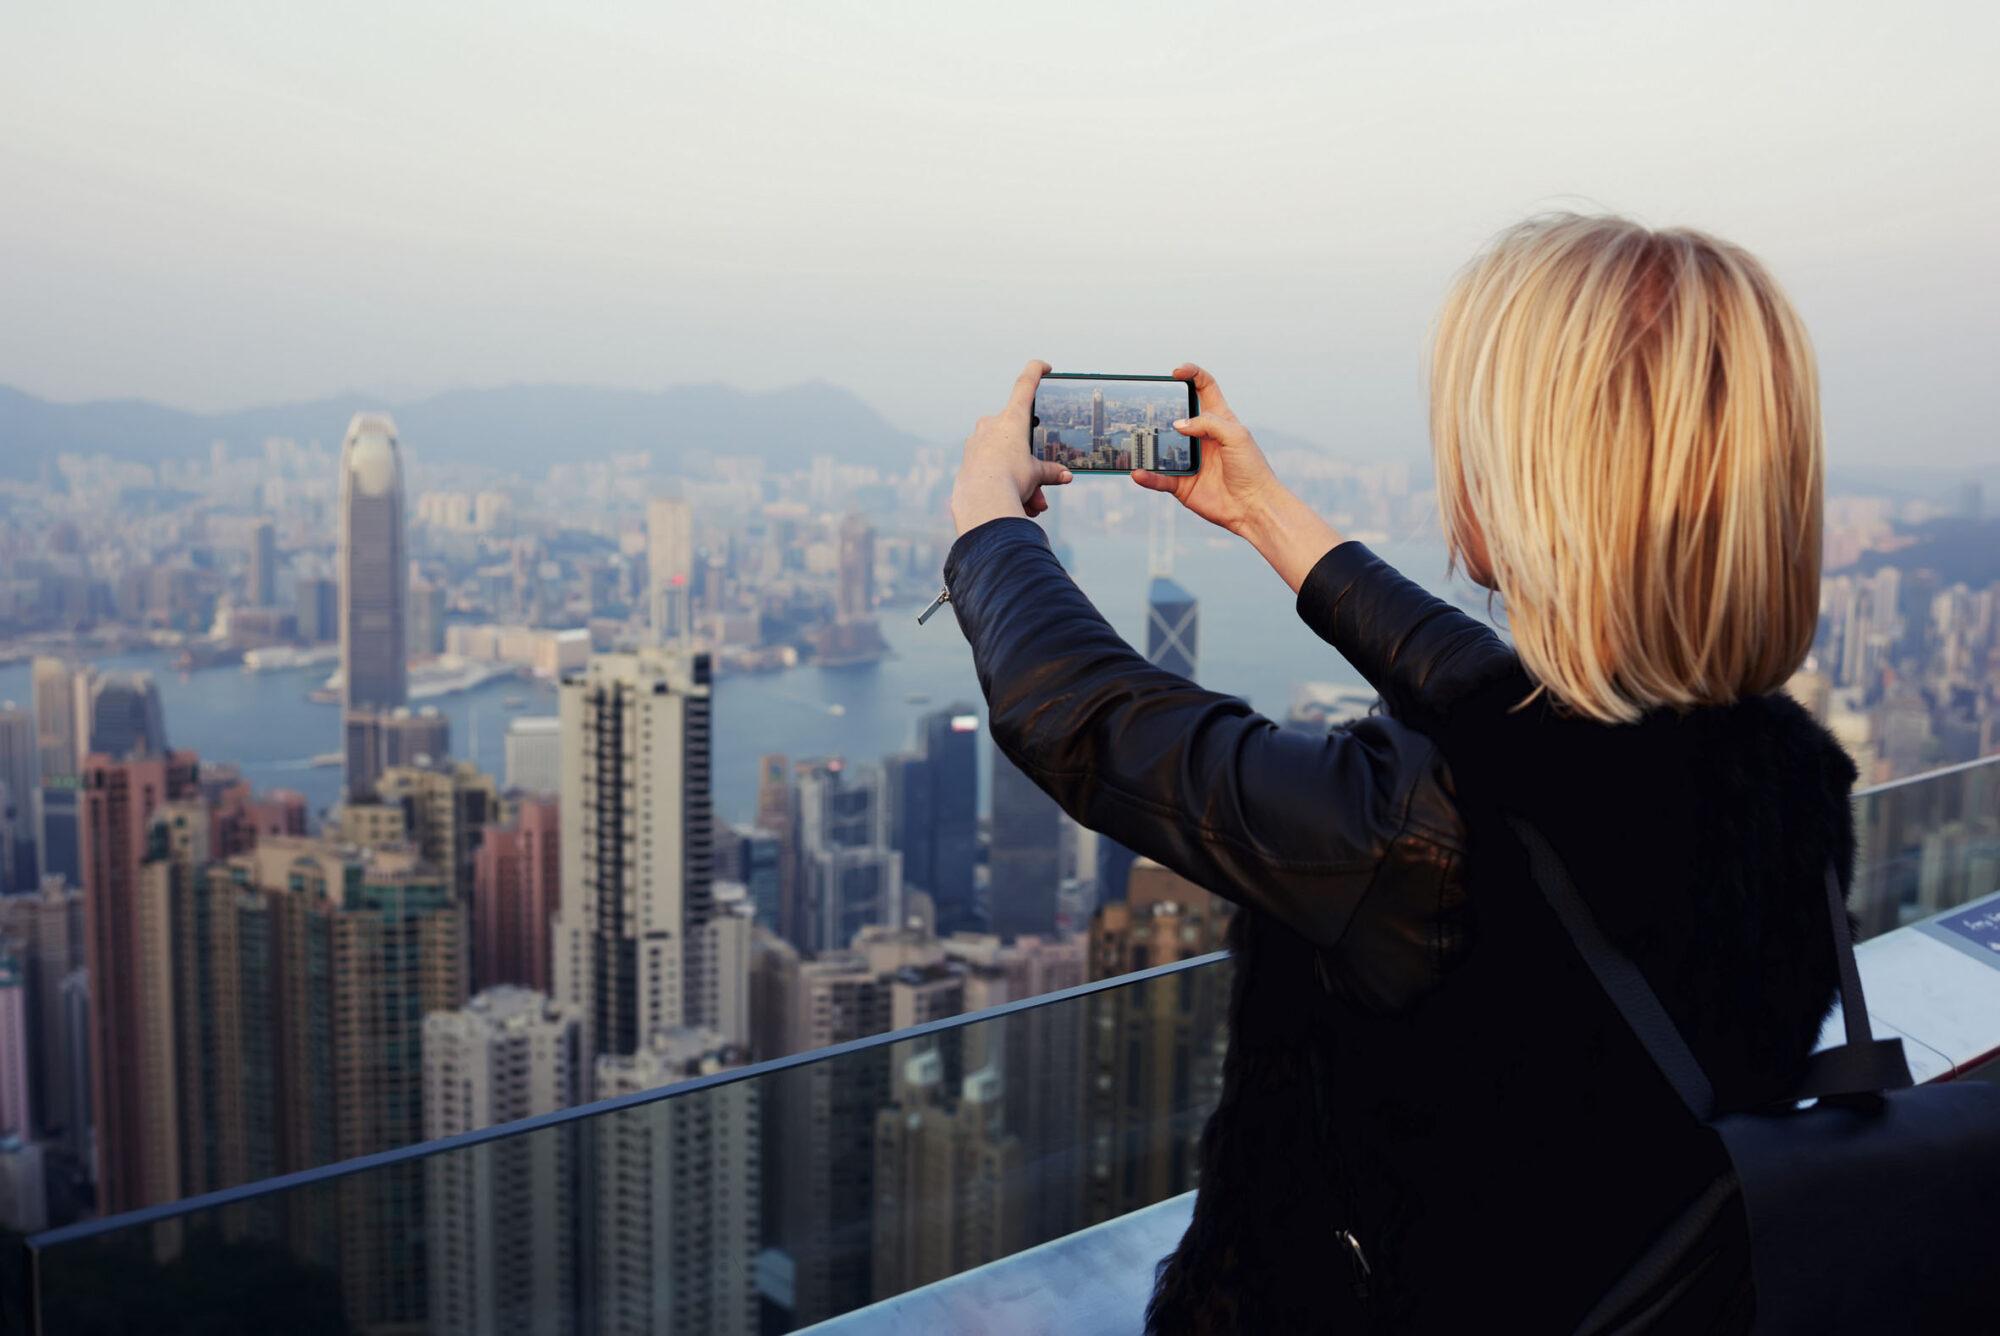 Come fotografare i grattacieli con uno smartphone: trucchi e consigli thumbnail